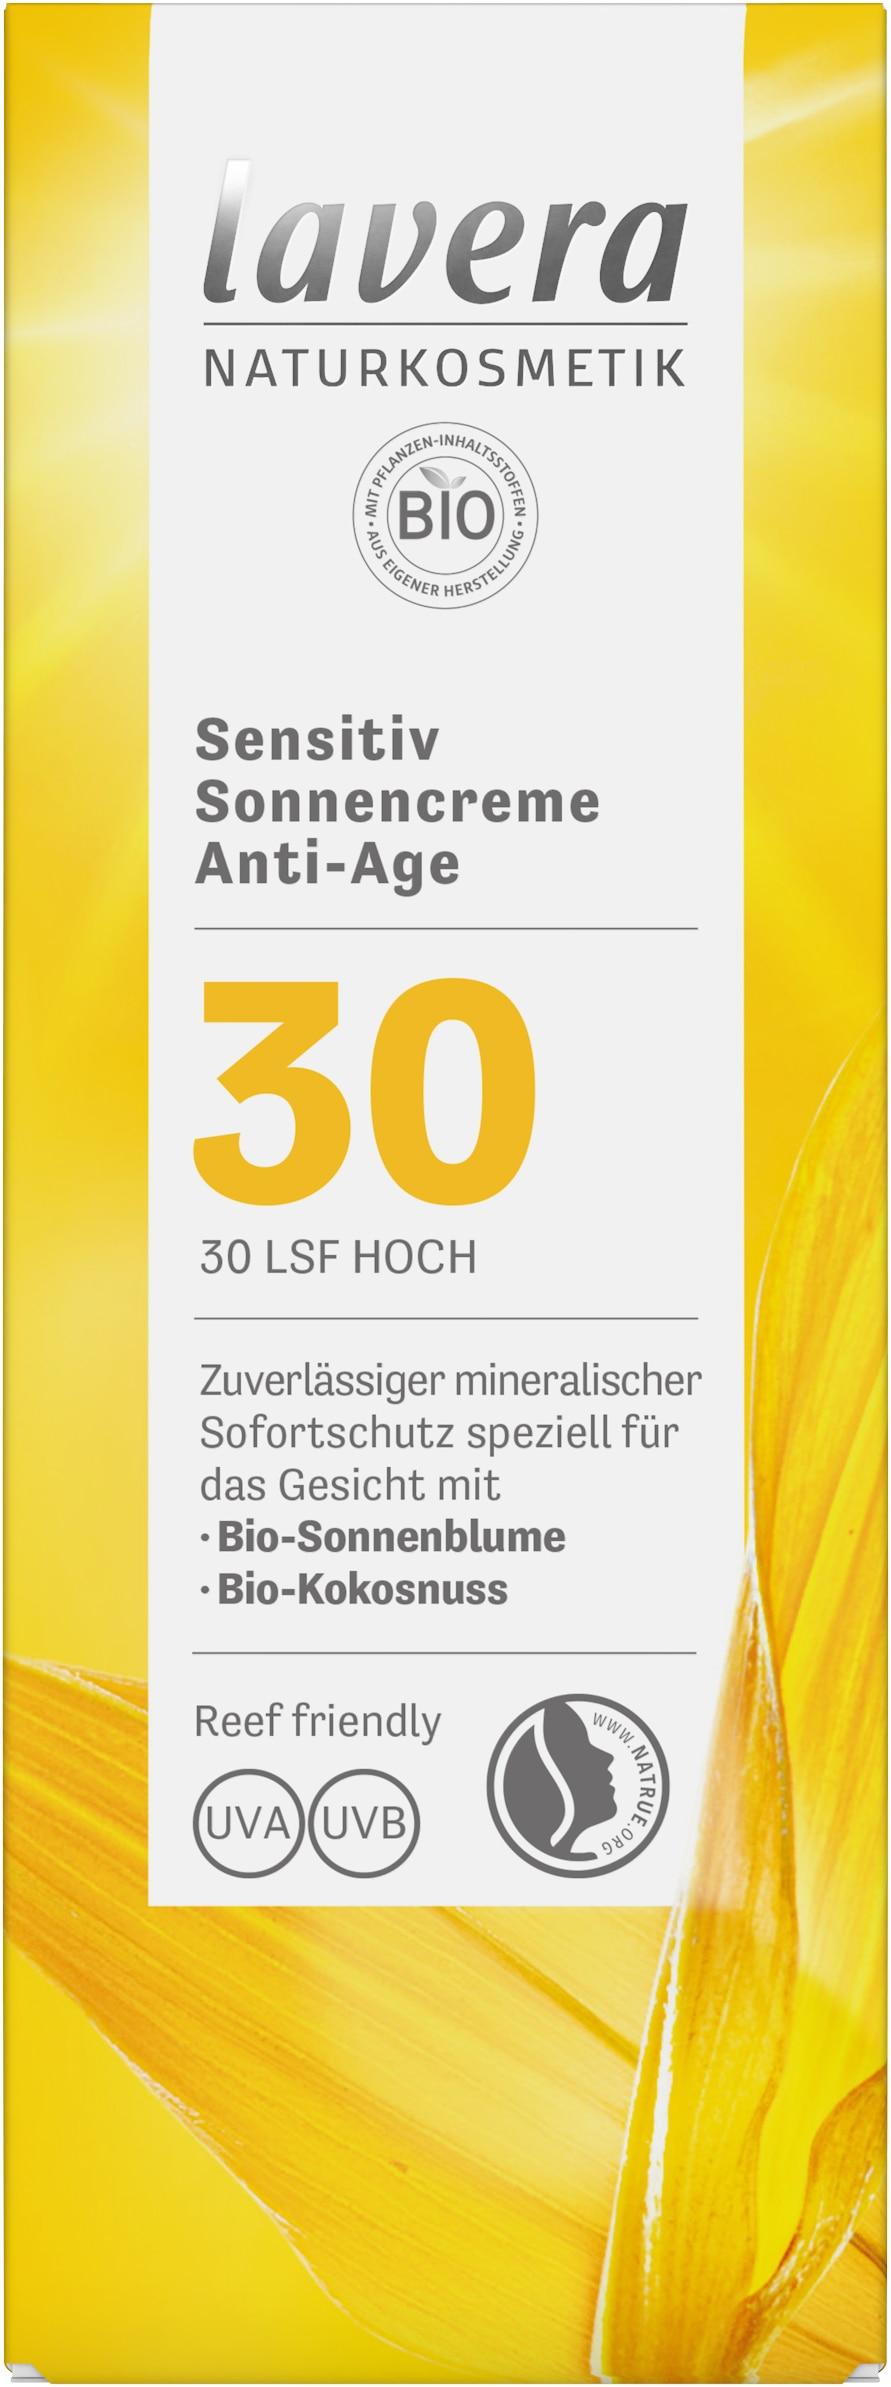 Sensitiv Sonnencreme Anti-Age  LSF 30